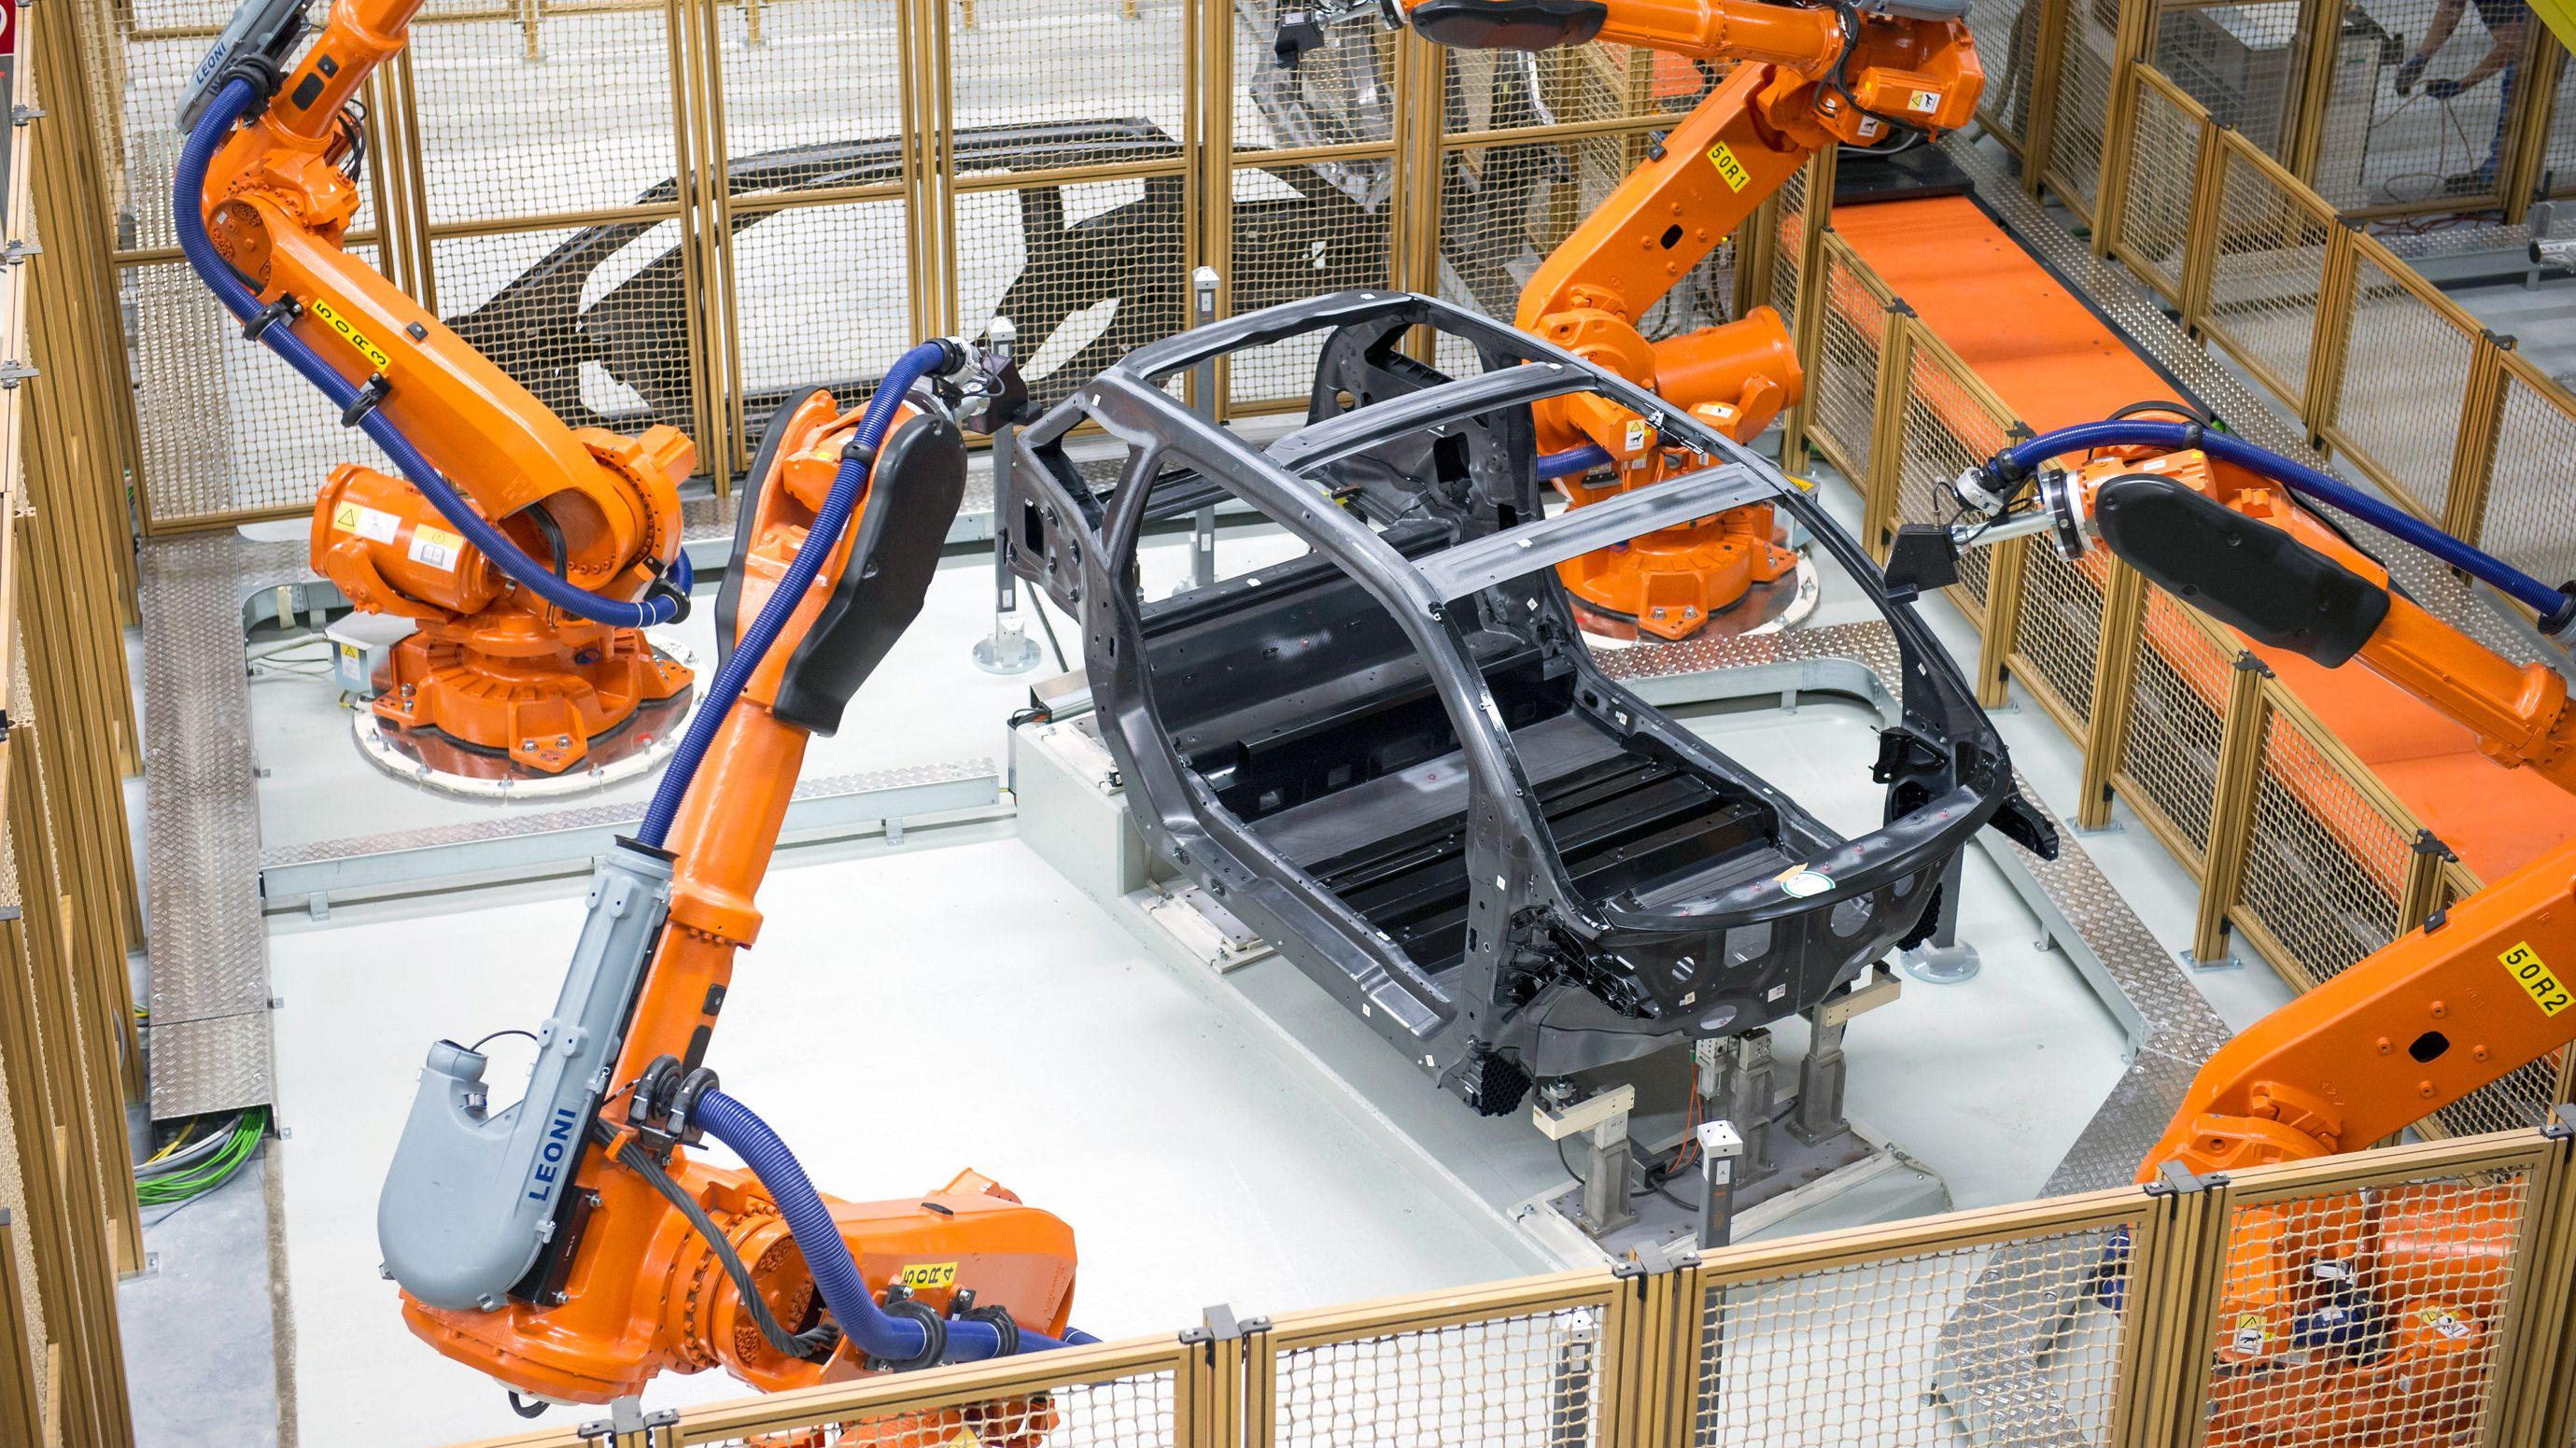 ロボットは人間の仕事を奪う? 奪わない?